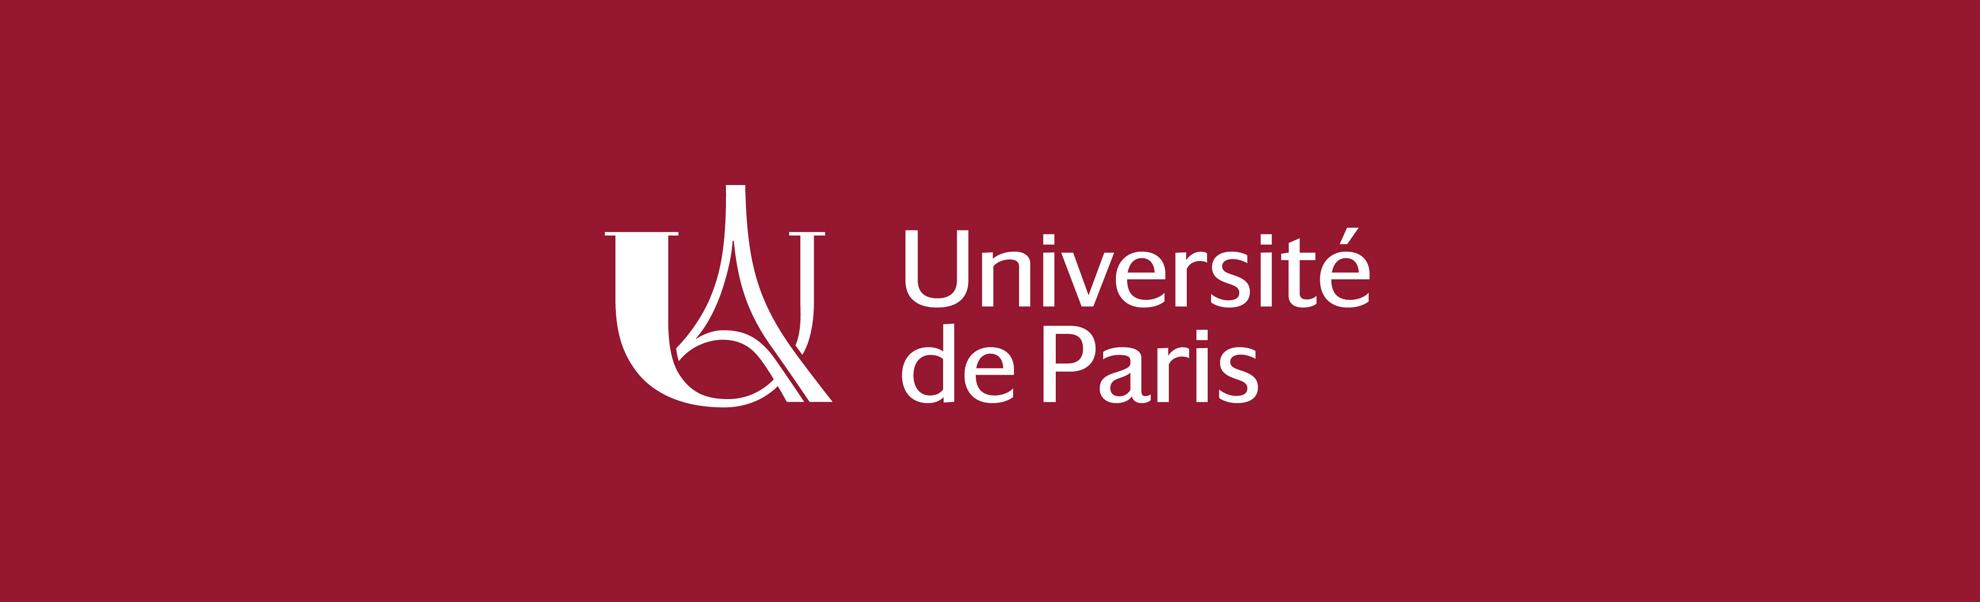 Nowy paryski uniwersytet ma już logo